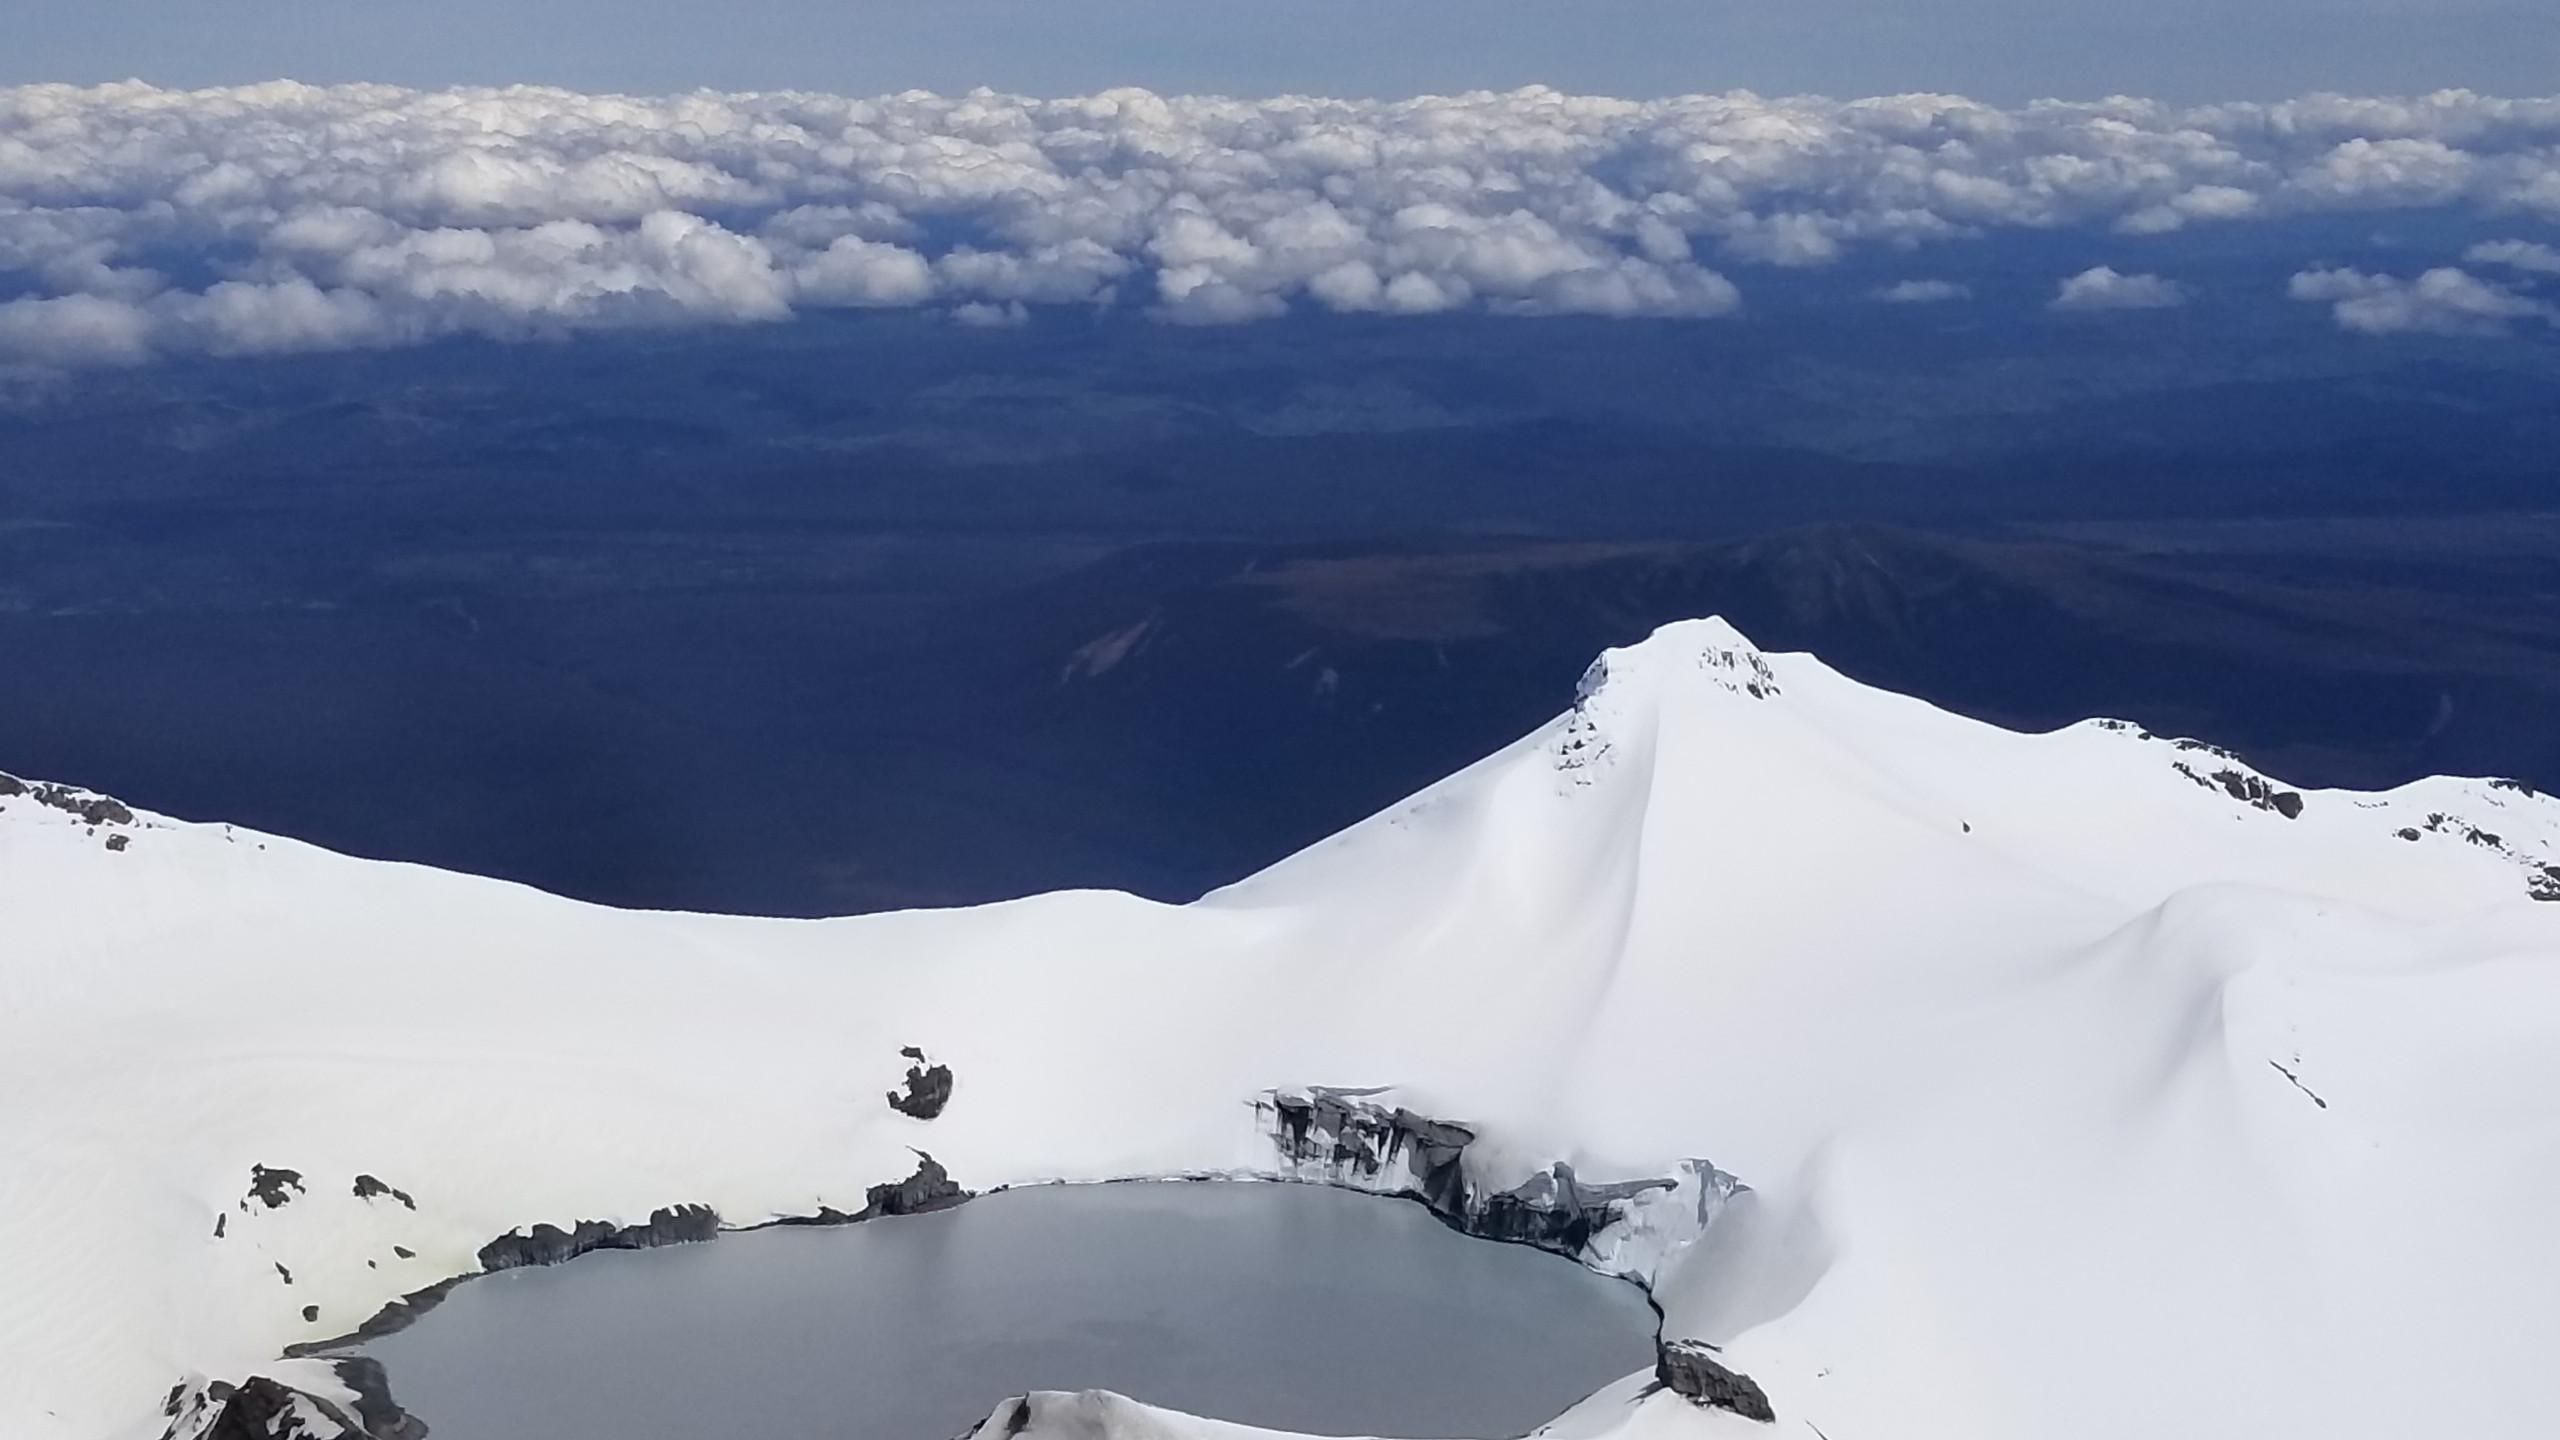 Tongariro national park, New Zealand attractions, New Zealand activities